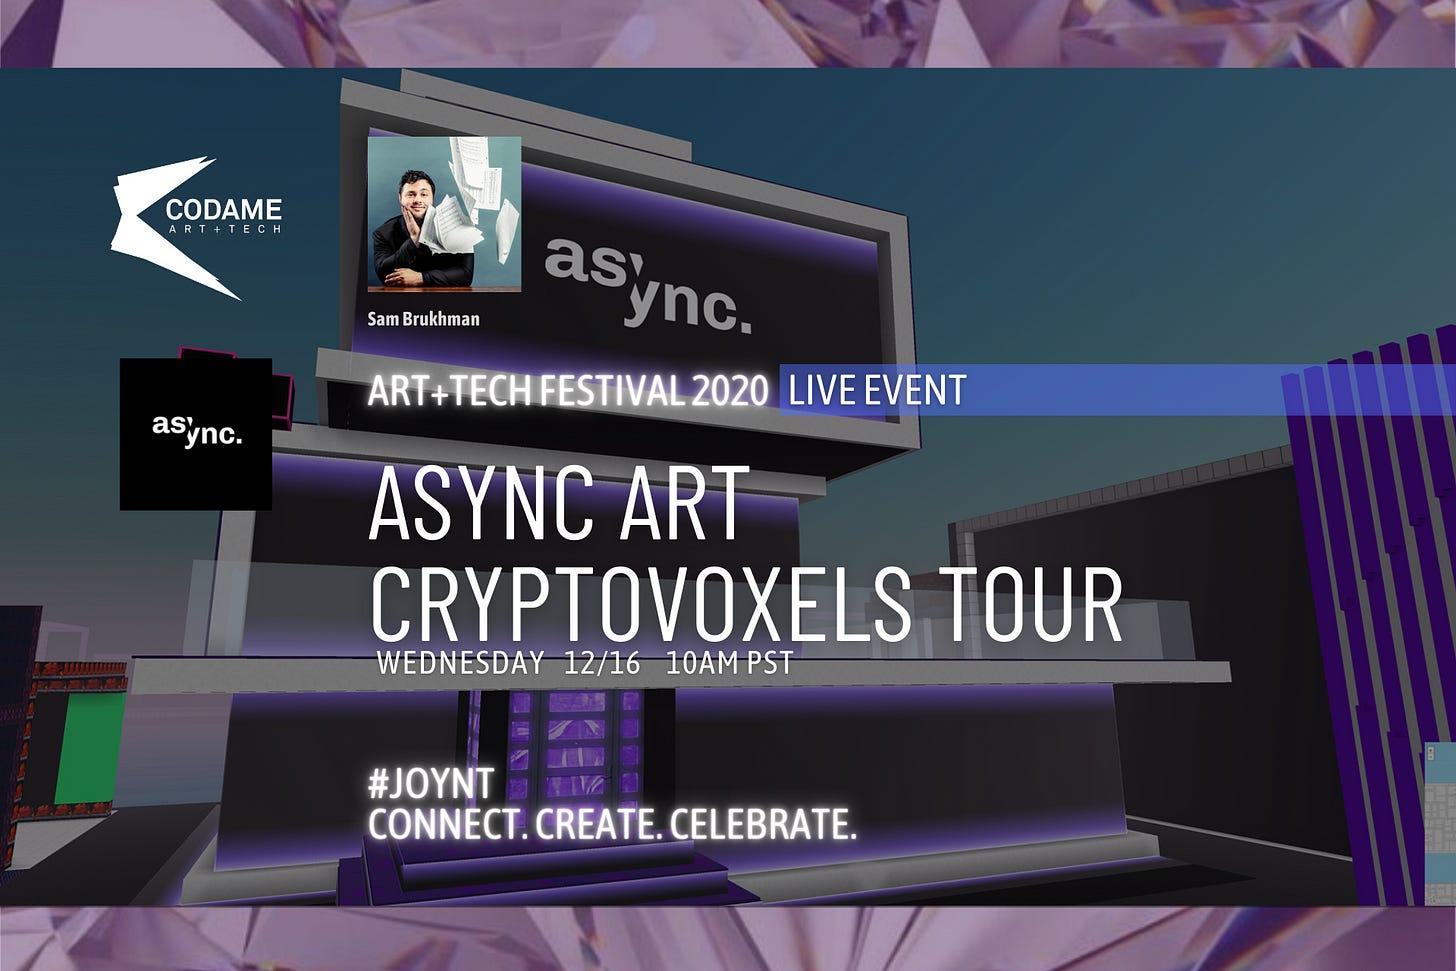 Async Art Cryptovoxels Tour